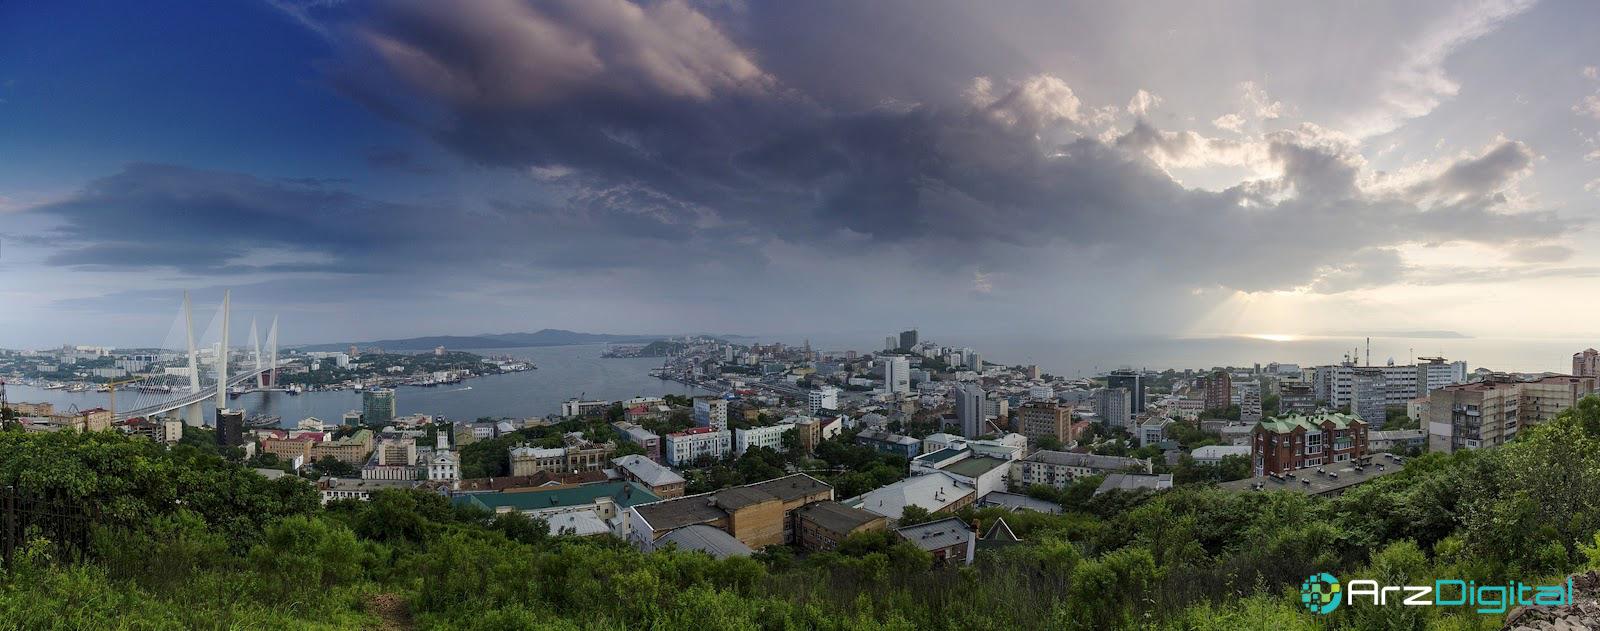 روسیه، یک شهر آزمایشی برای راه اندازی دو موسسه در زمینه ی ارزهای رمزنگاری شده، انتخاب می کند